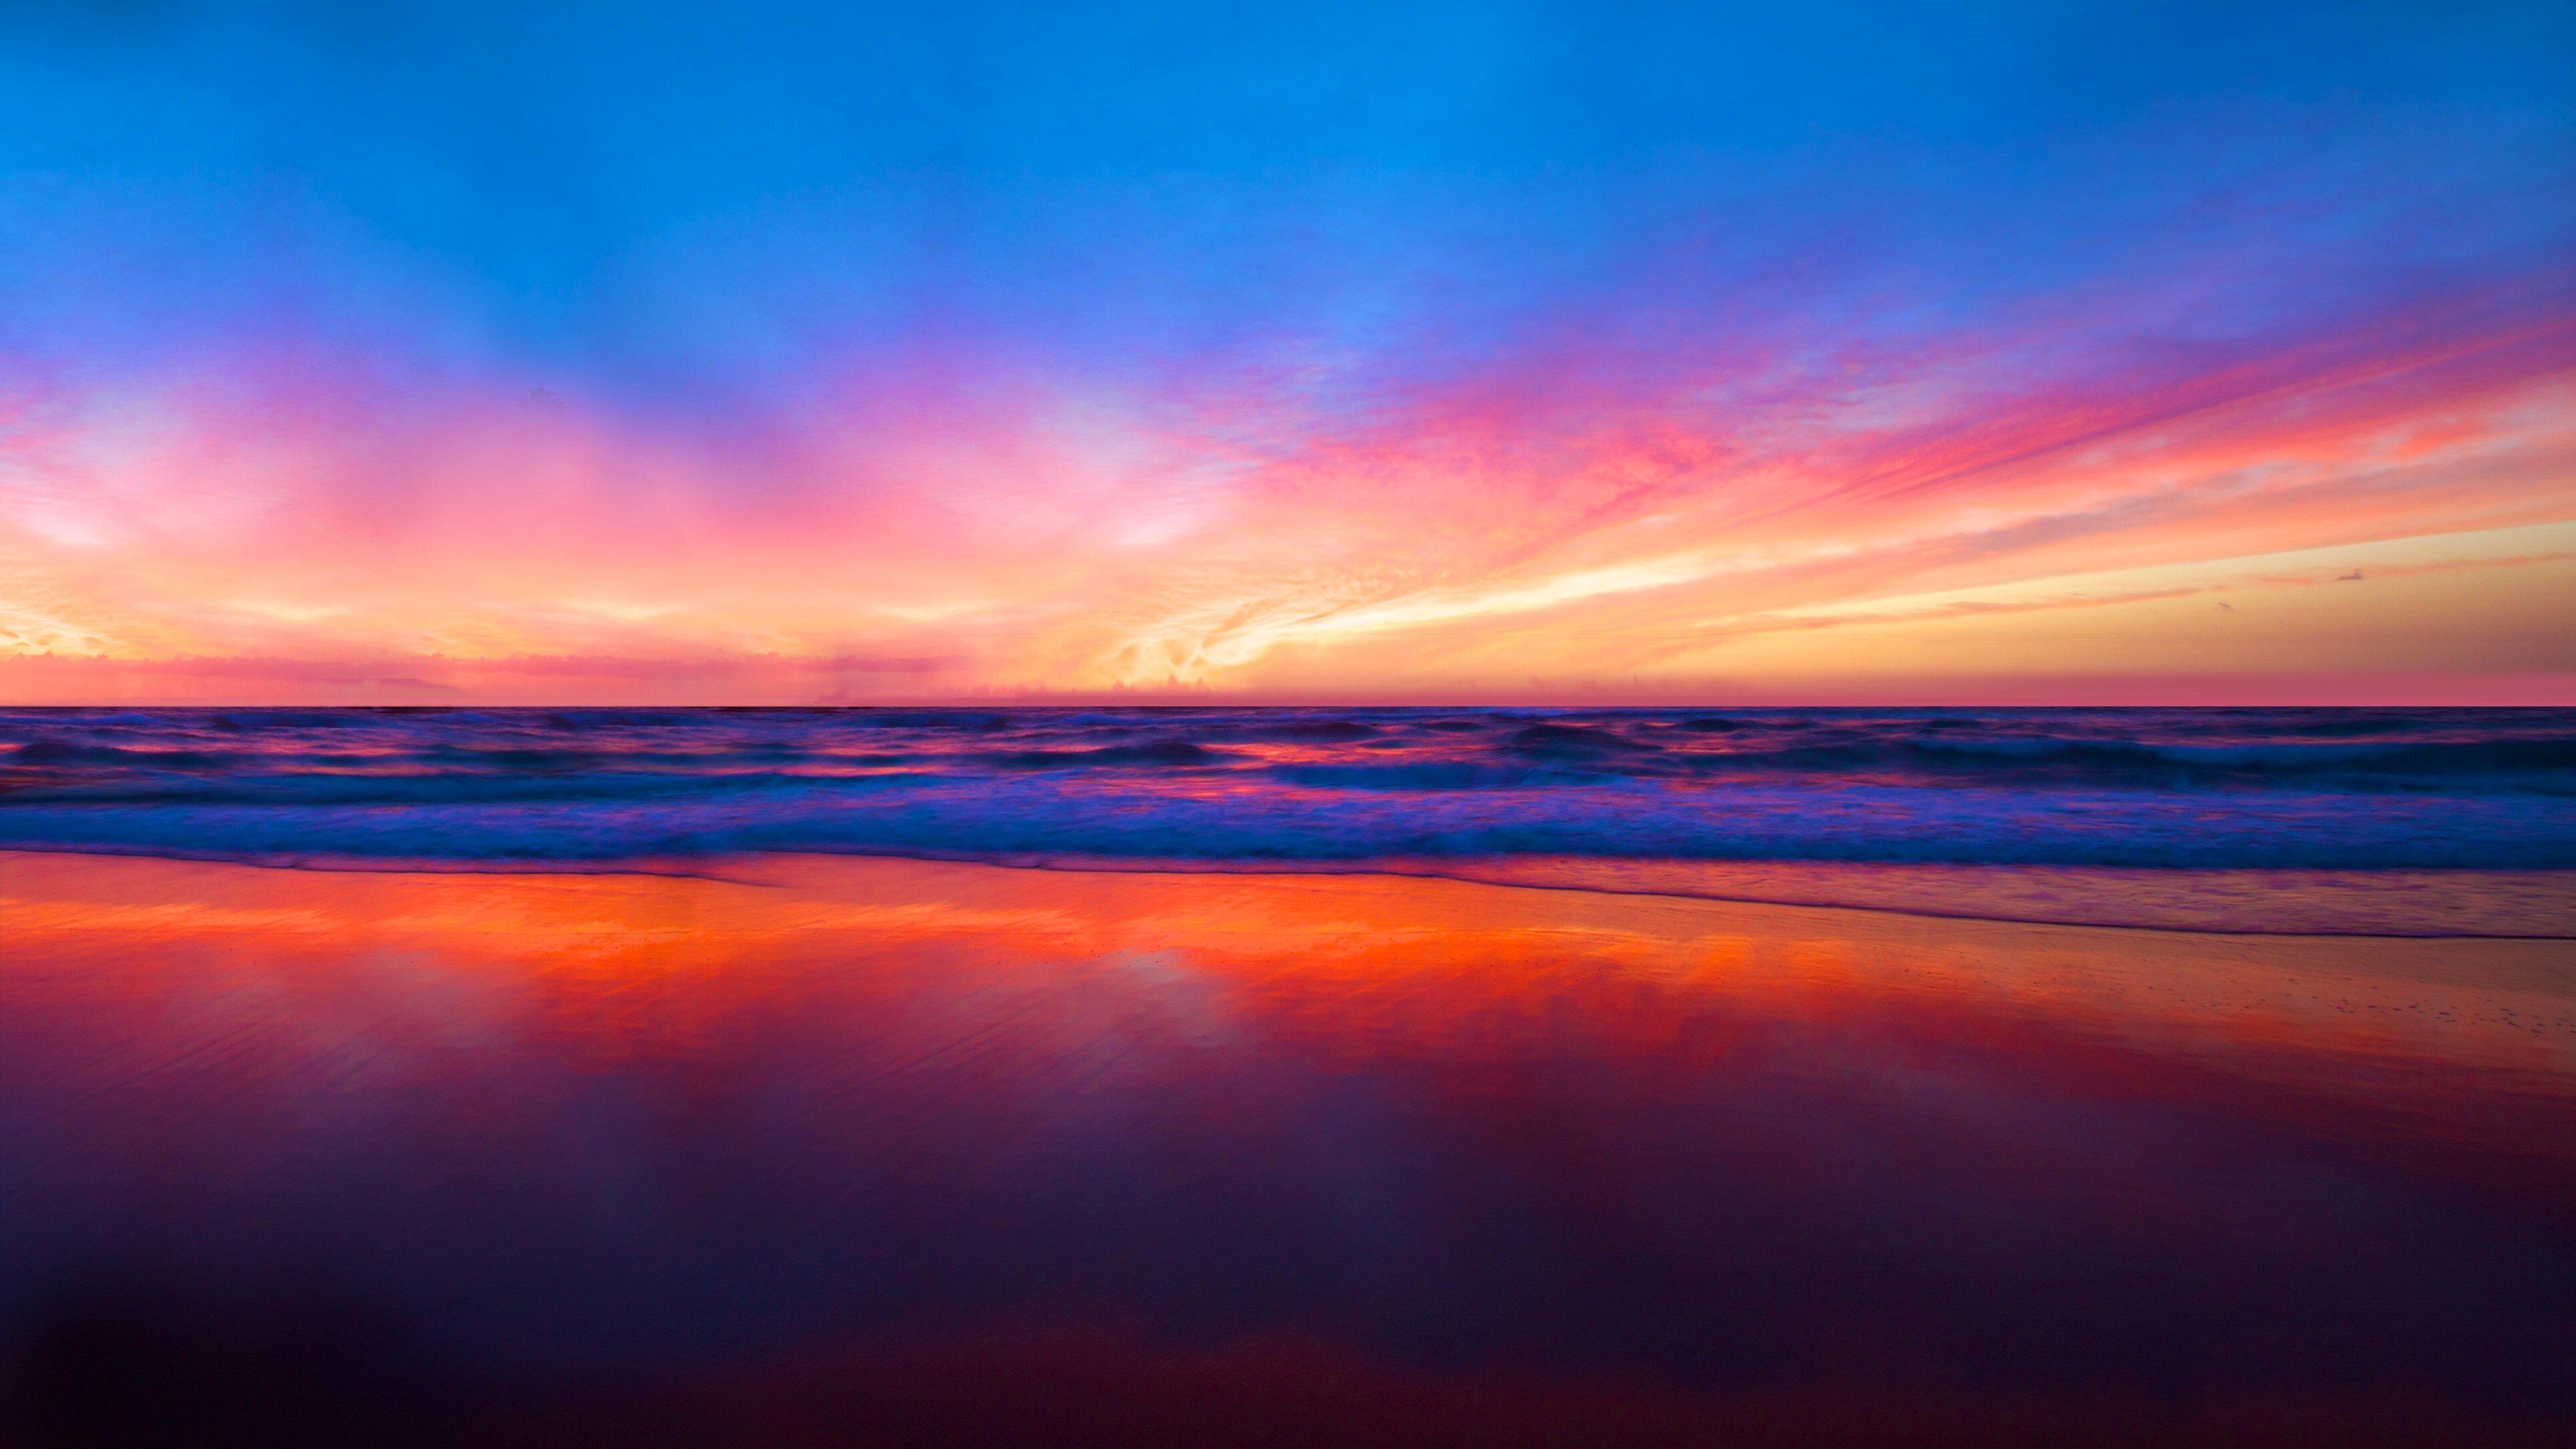 Sunset 4K Ultra HD Wallpaper [3840x2160]